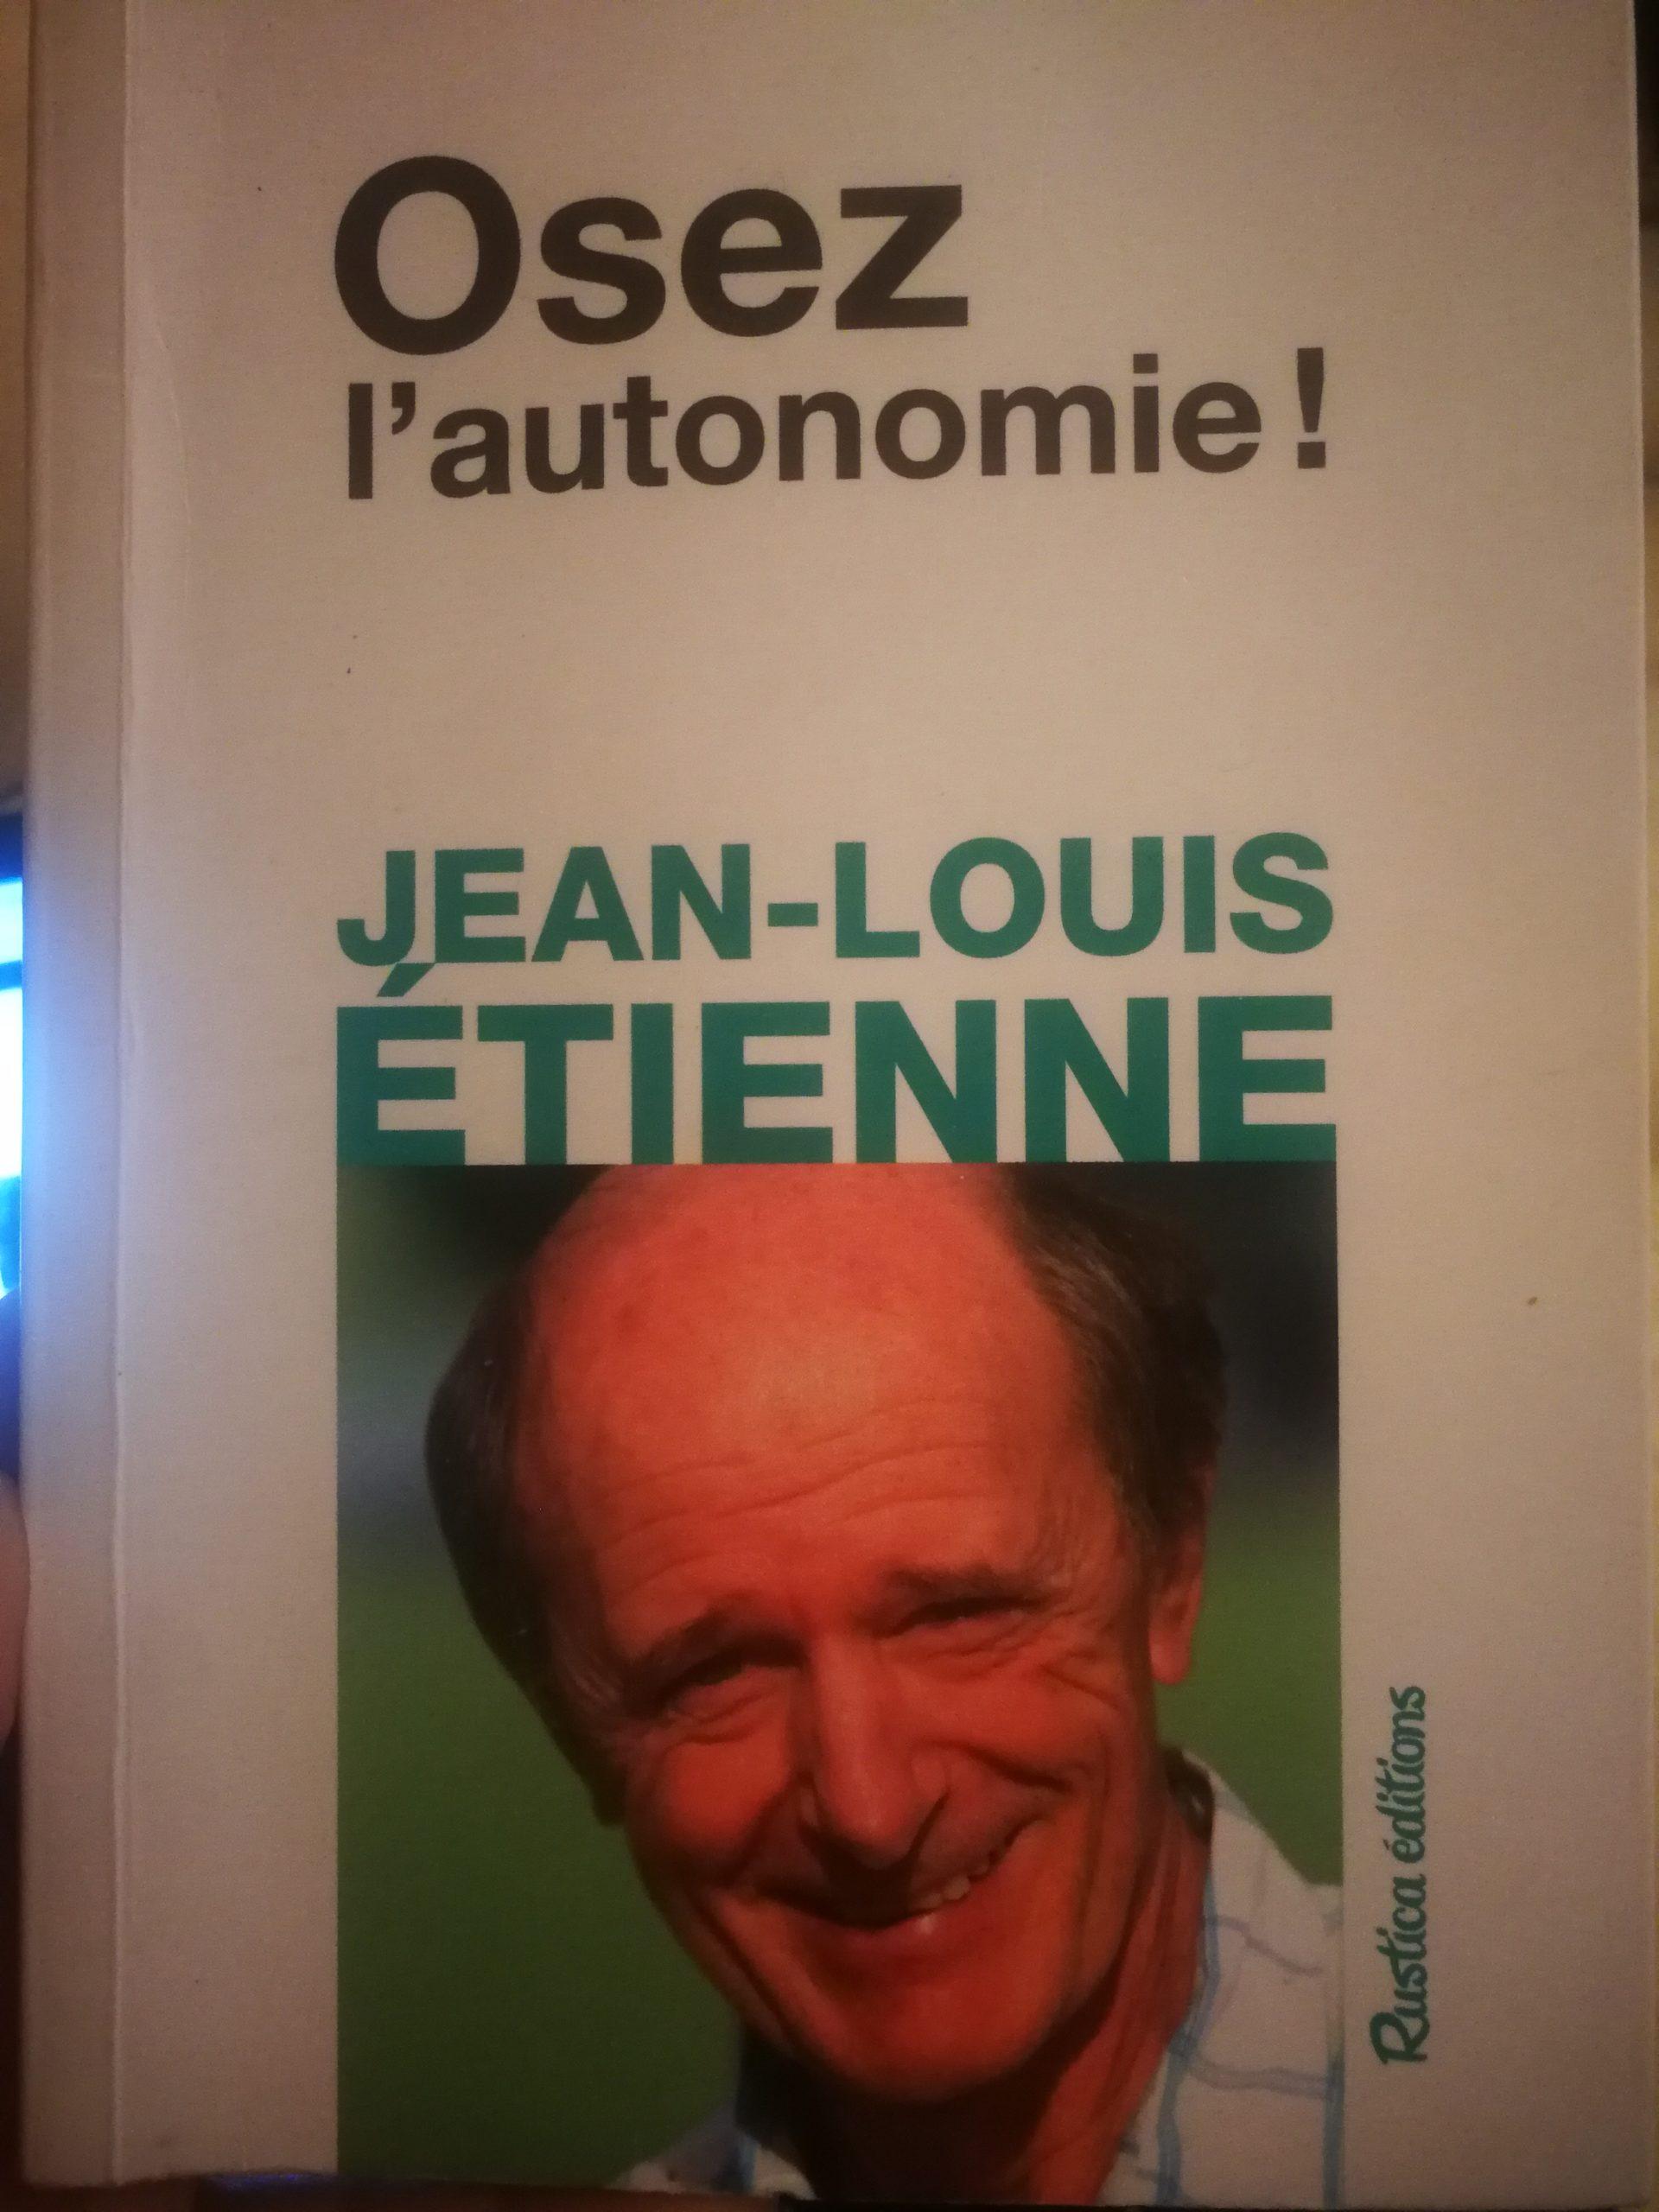 Jean-Louis ETIENNE : Osez l'autonomie